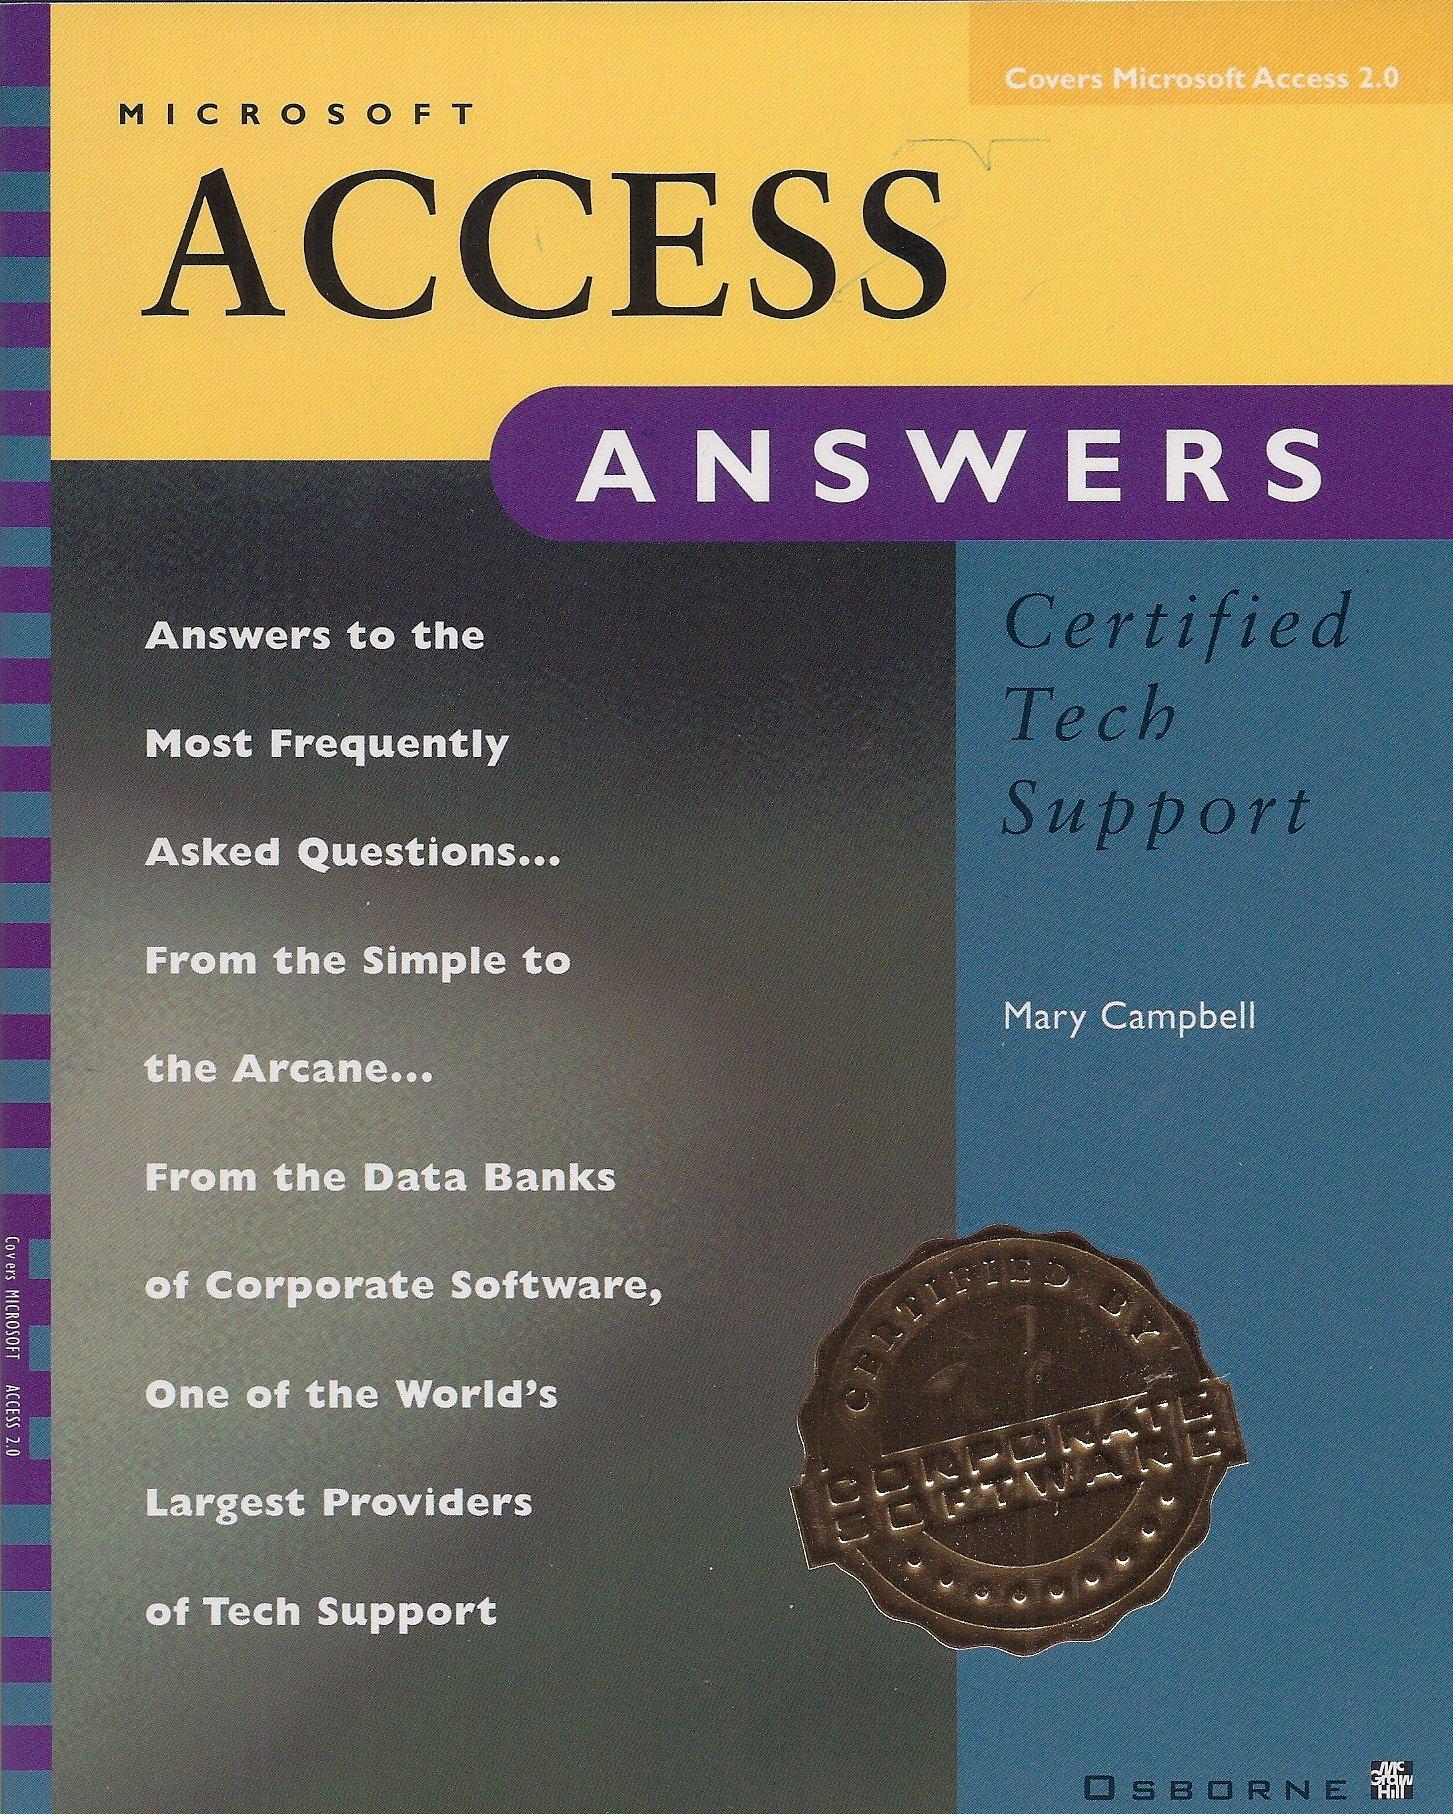 Microsoft access answers certified tech support covers microsoft microsoft access answers certified tech support covers microsoft access 20 mary campbell 9780078820694 amazon books xflitez Choice Image